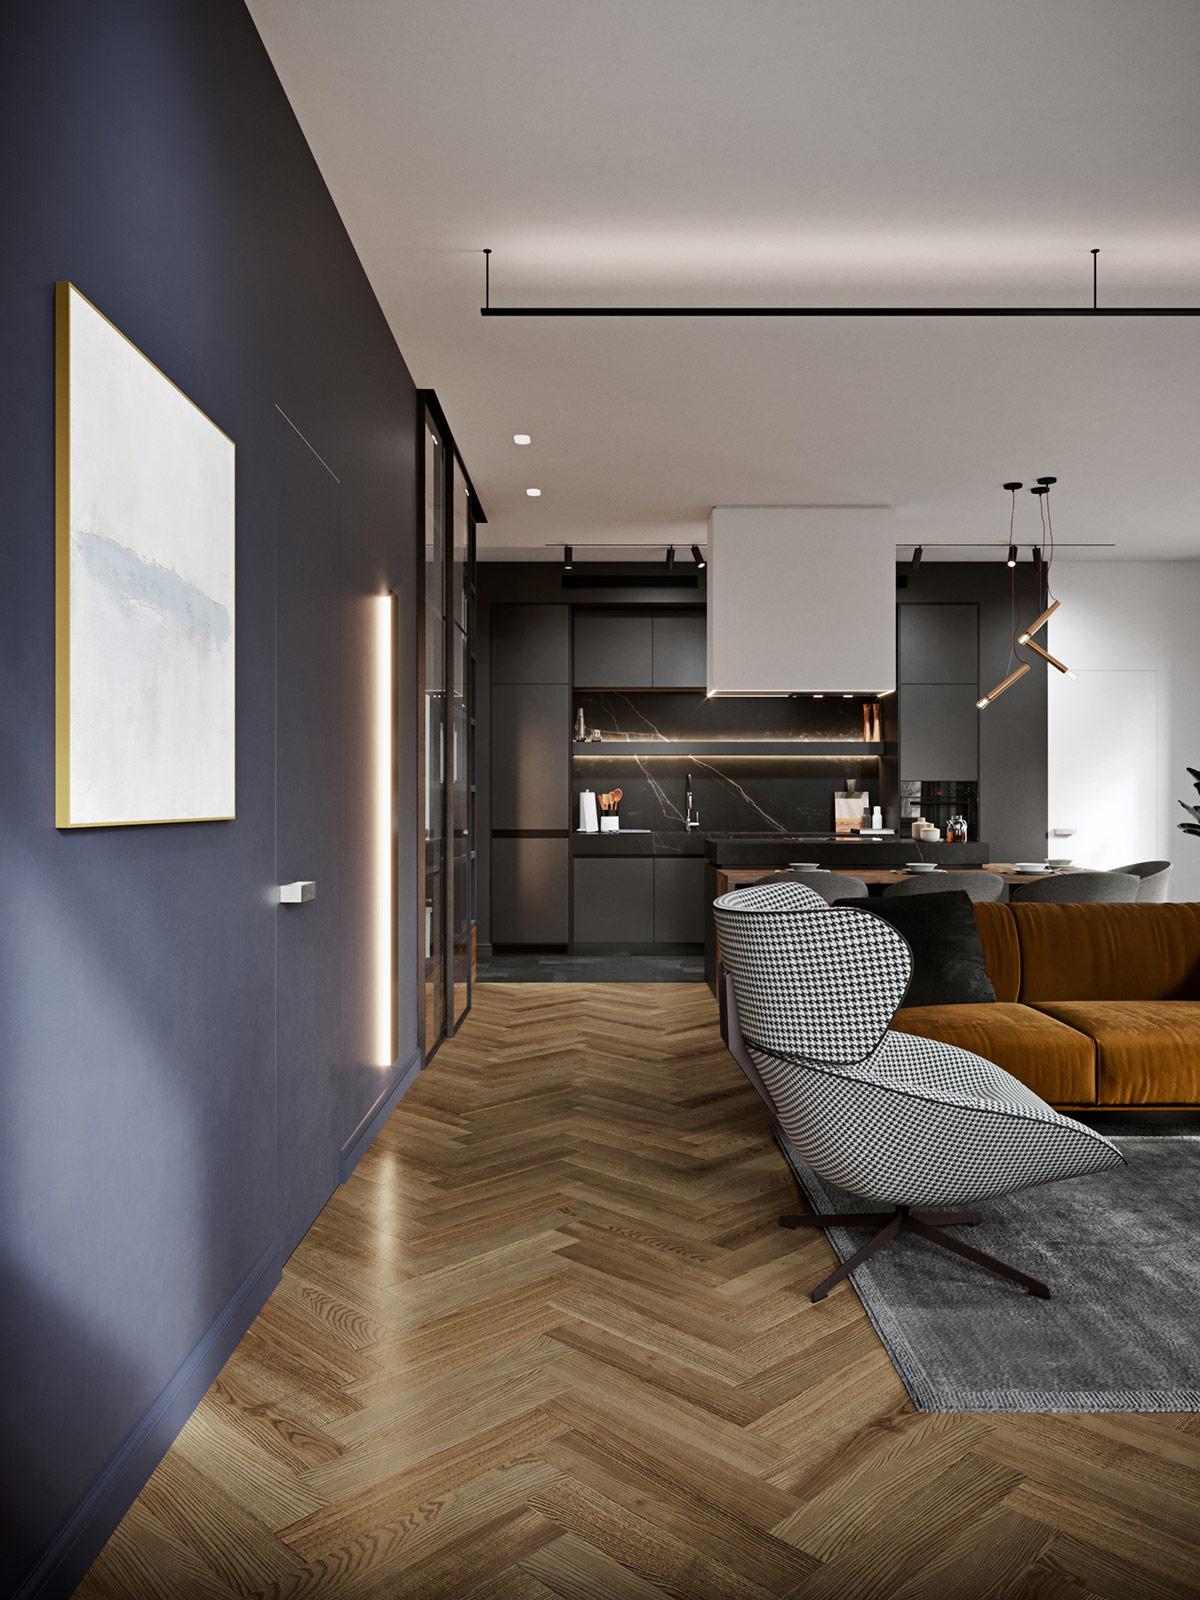 色彩赋予每个房间不同个性!俄罗斯110平缤纷的现代家居设计